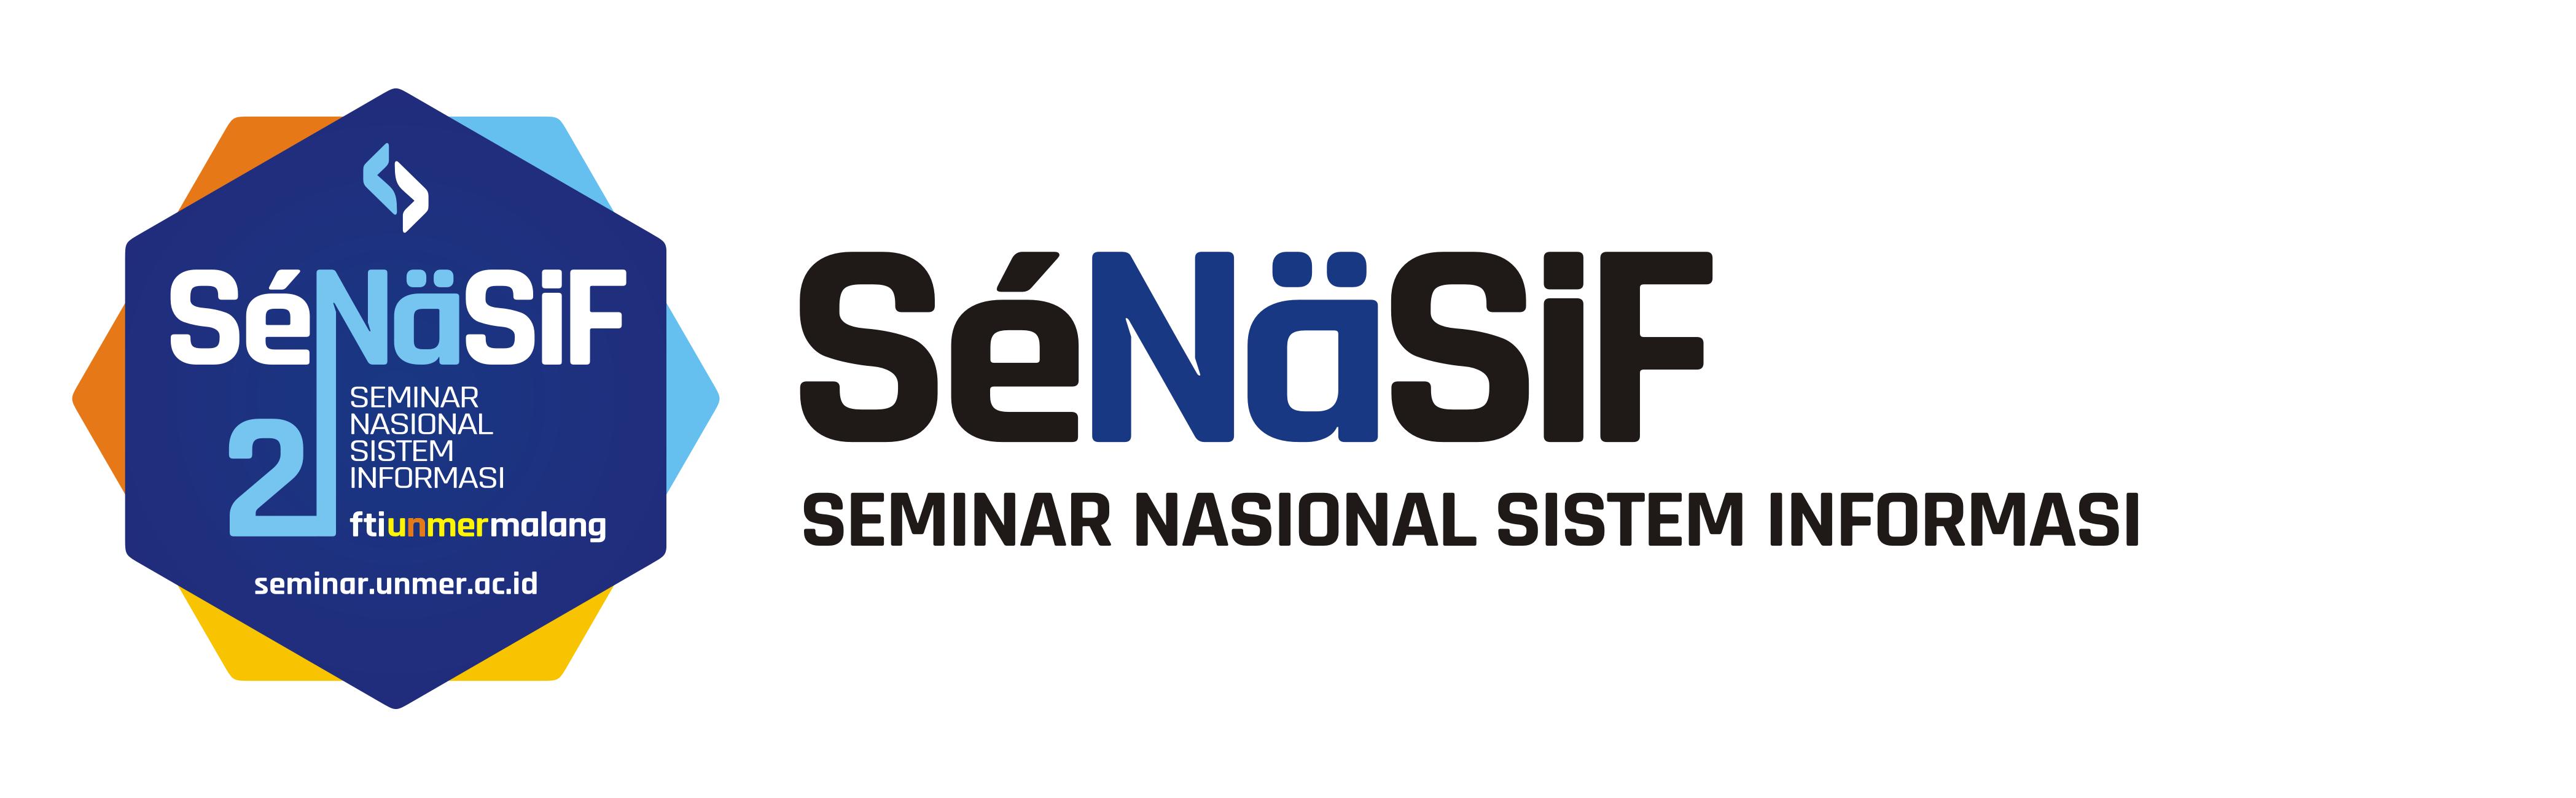 Seminar Nasional Sistem Informasi (Senasif)